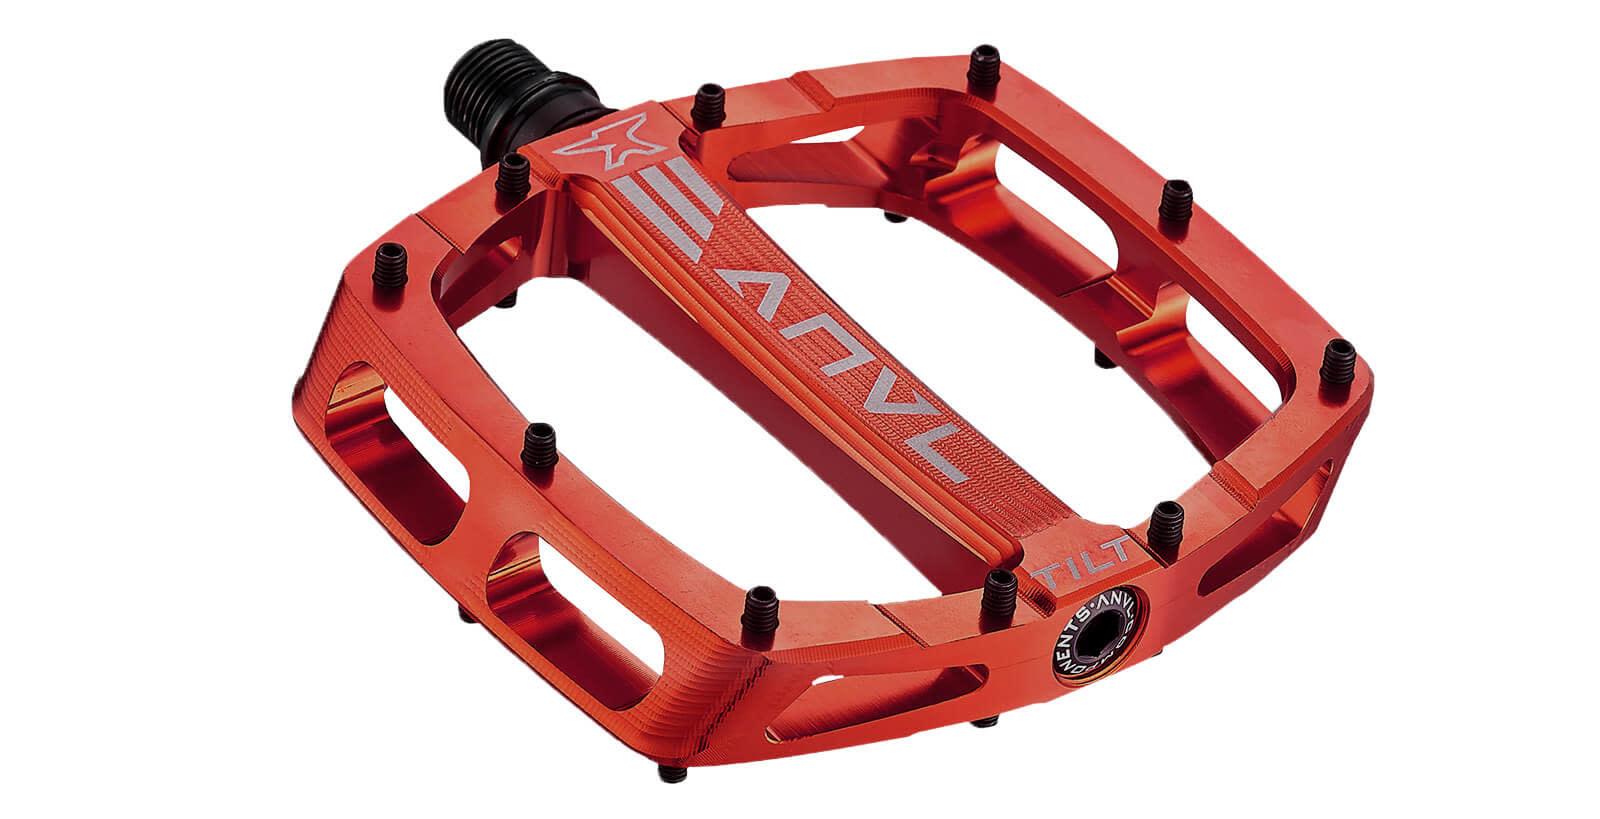 ANVL Tilt Alloy V3, Cromo Axle, Red